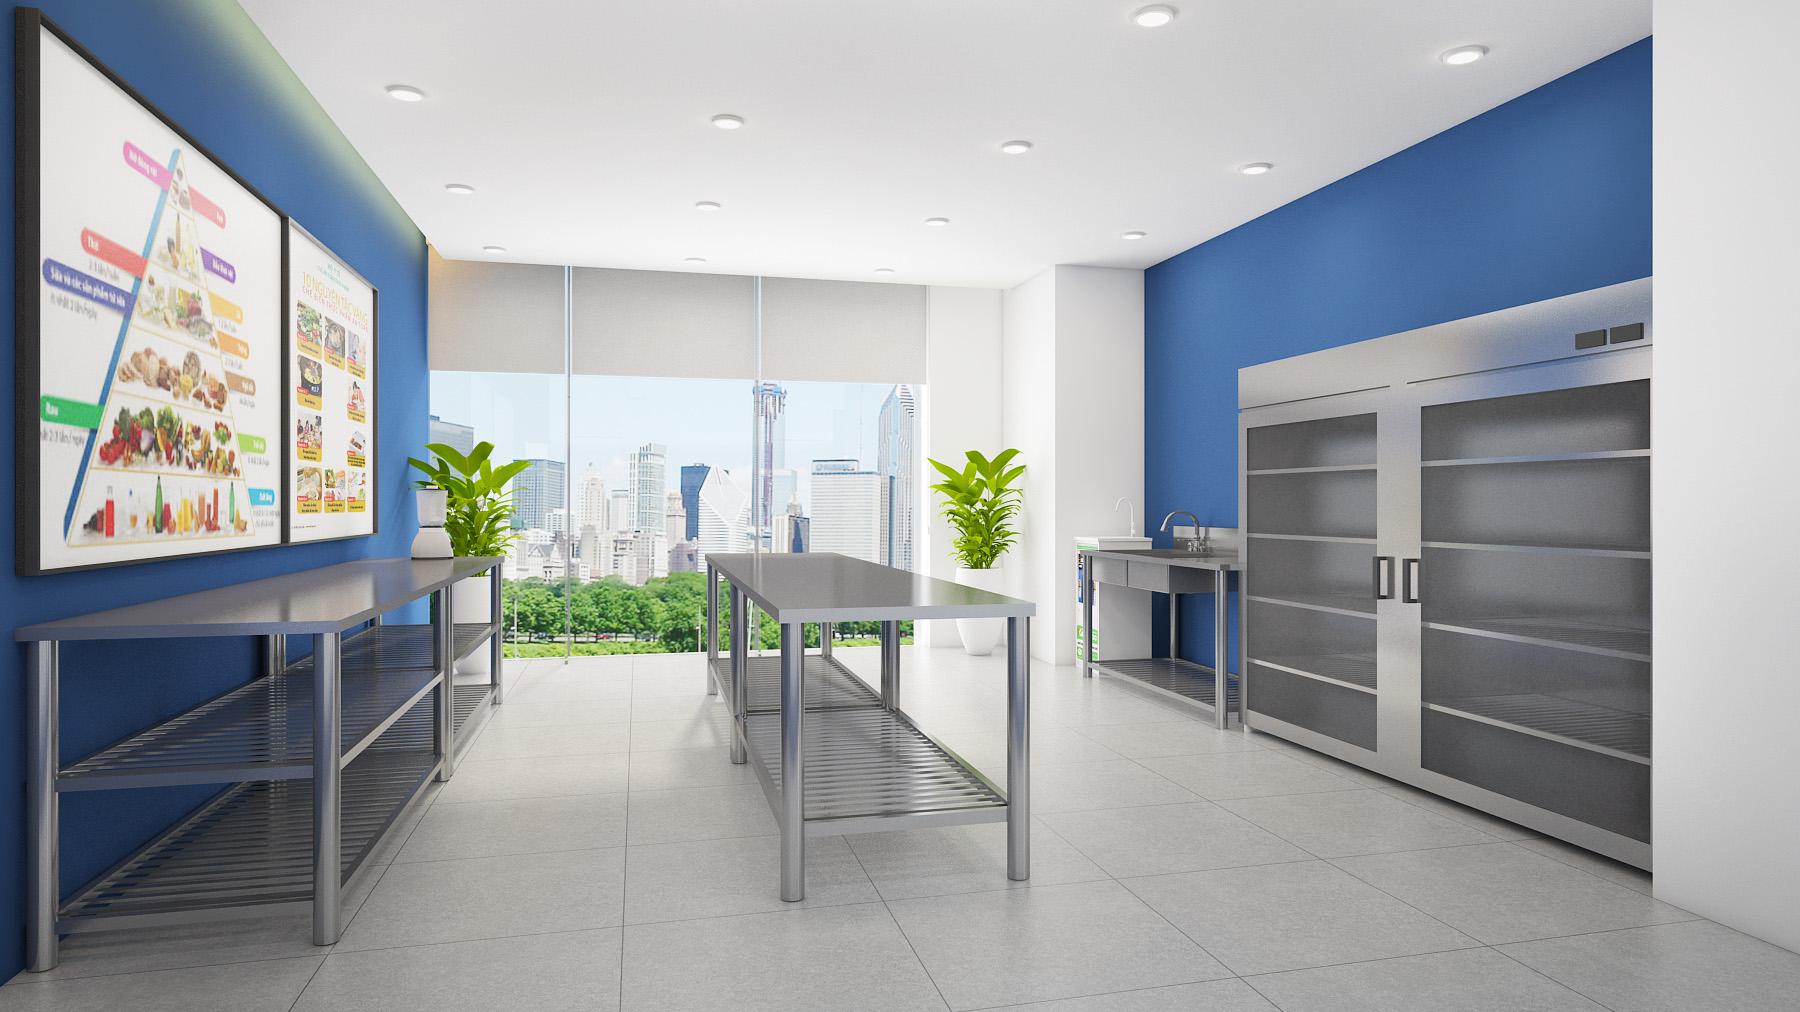 Thiết kế bếp trường mầm non thiết kế trường mầm non Thiết kế trường mầm non đẹp đạt chuẩn bEP